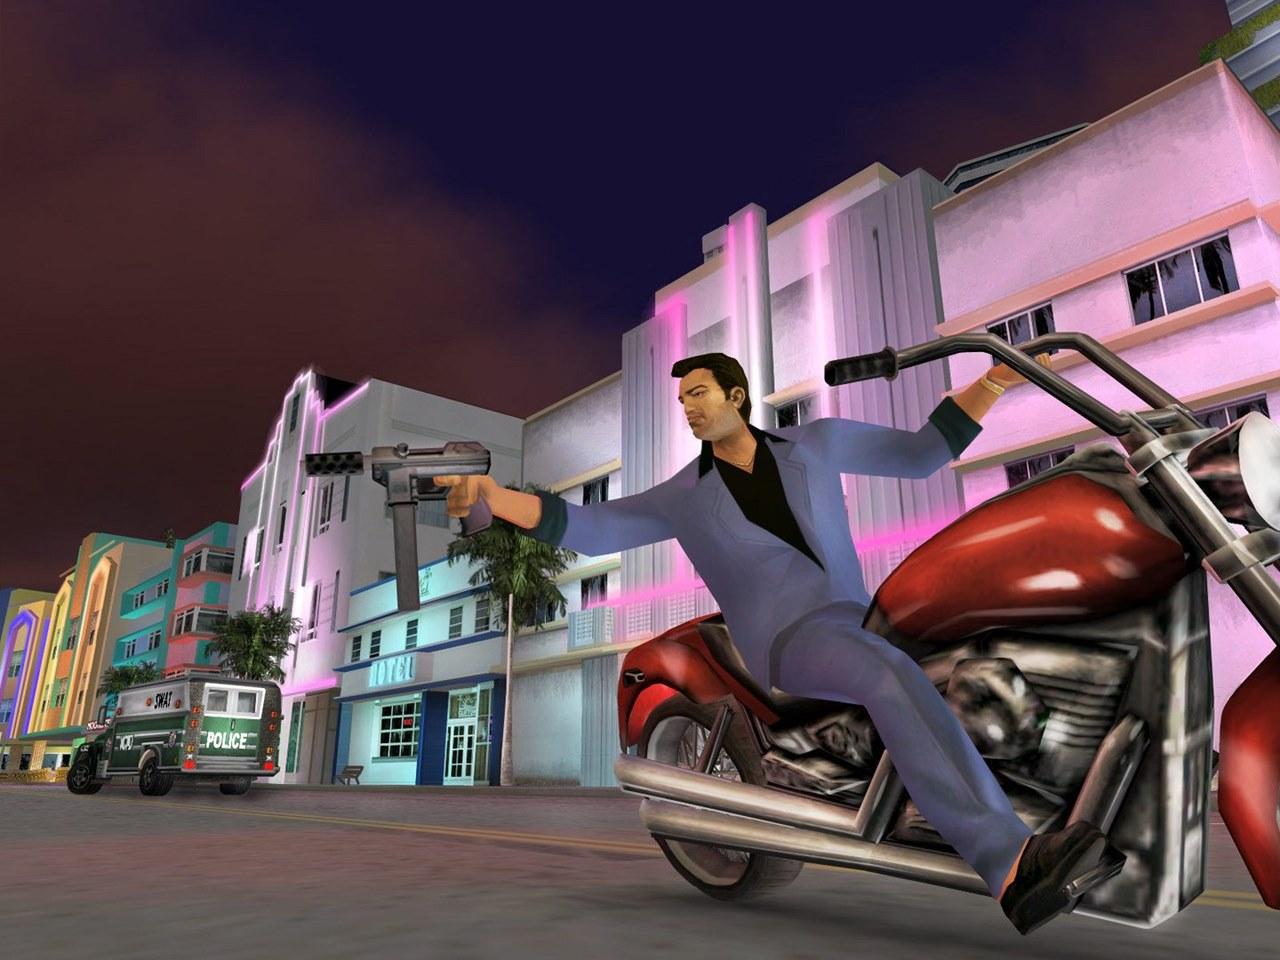 Tommy Vercetti, de GTA Vice City, jogo de PlayStation 2, em uma moto enquanto aponta uma metralhadora para alguém.